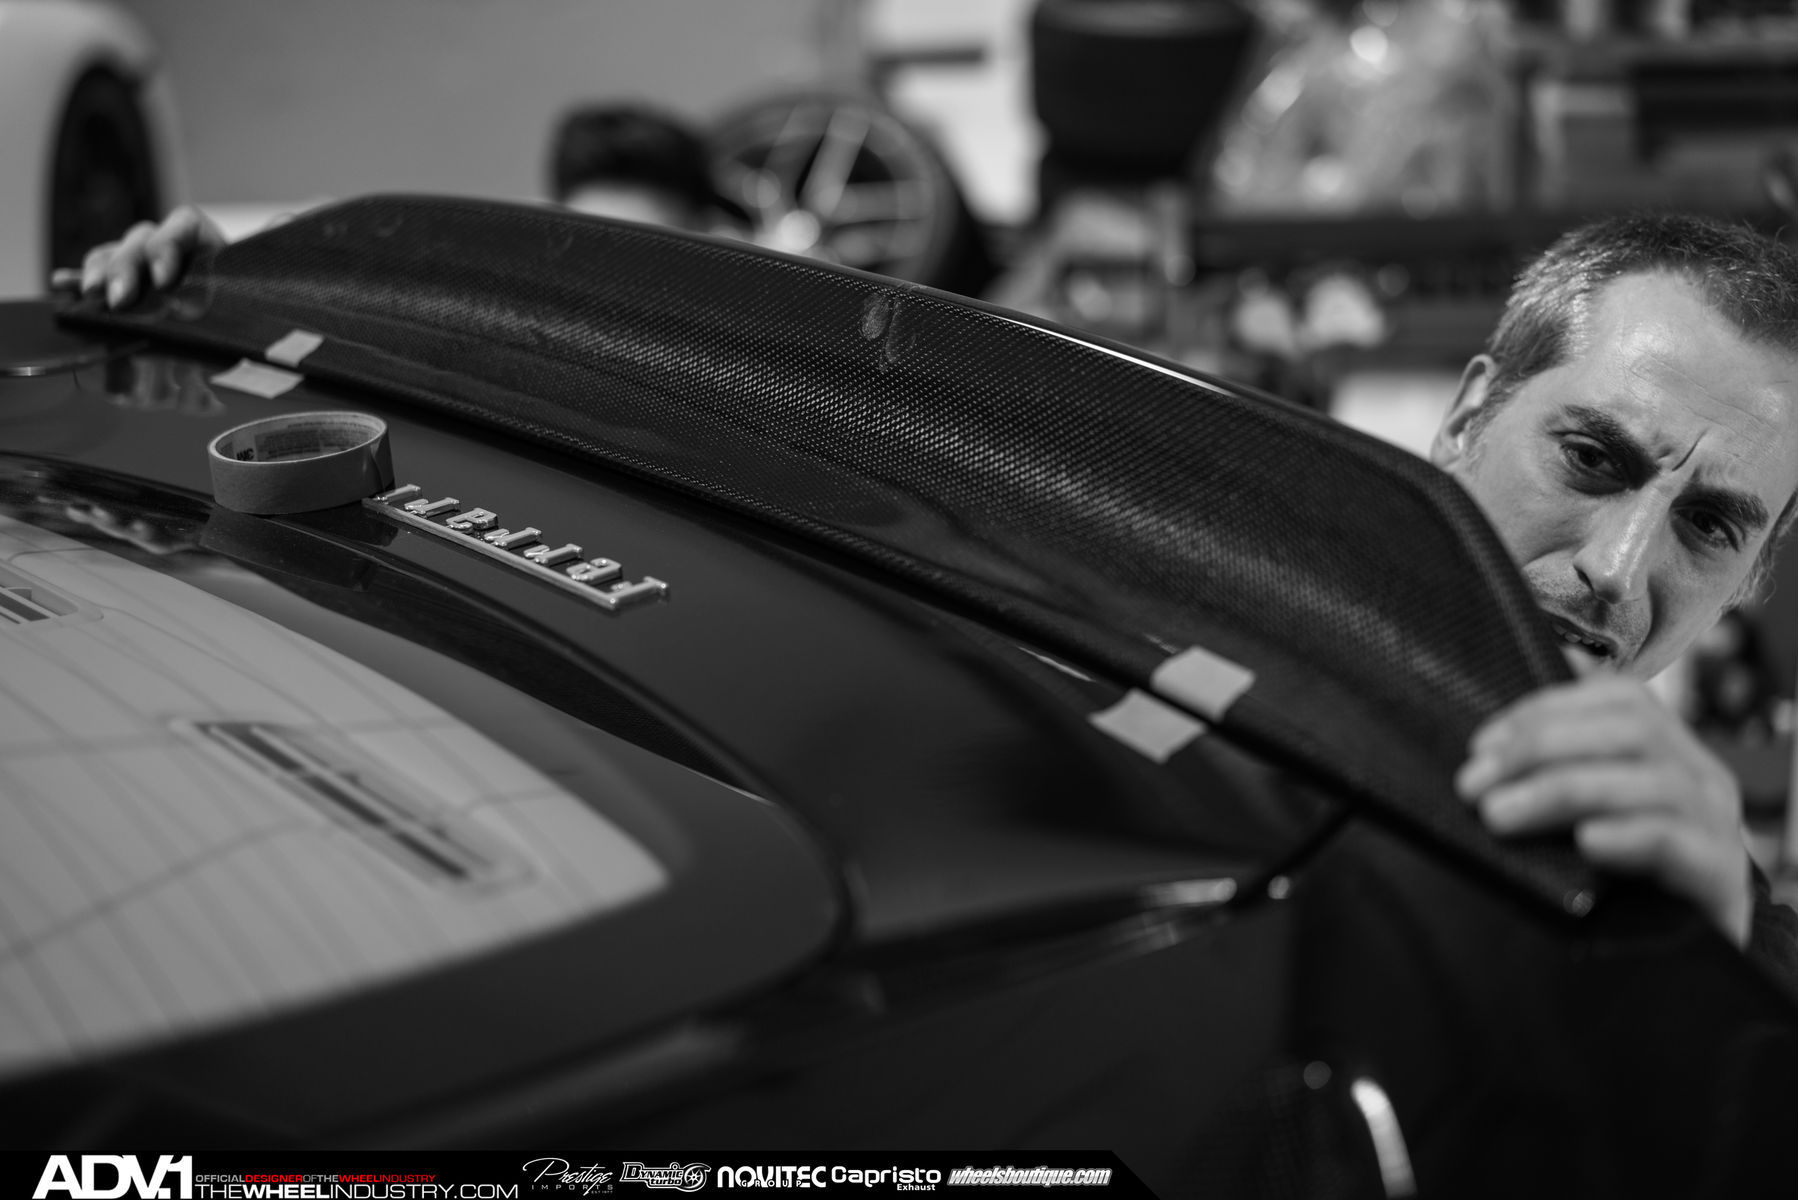 2014 Ferrari F12 Berlinetta   Ferrari F12